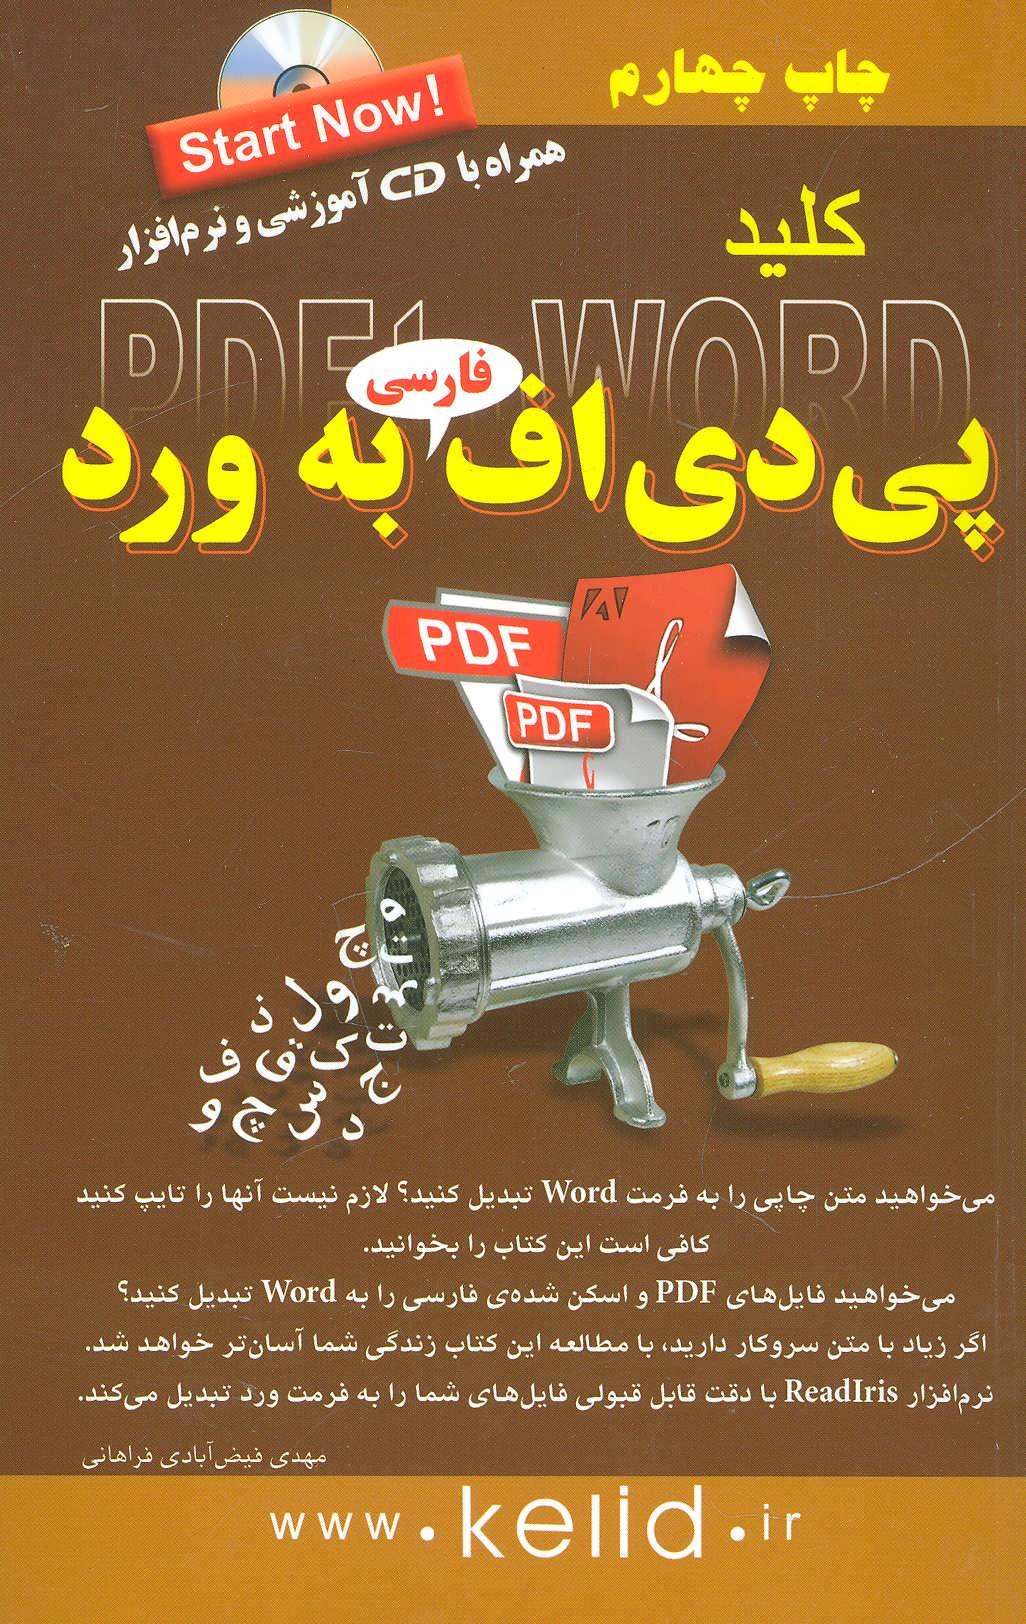 کتاب کلید تبدیل PDF به Word (Readiris)